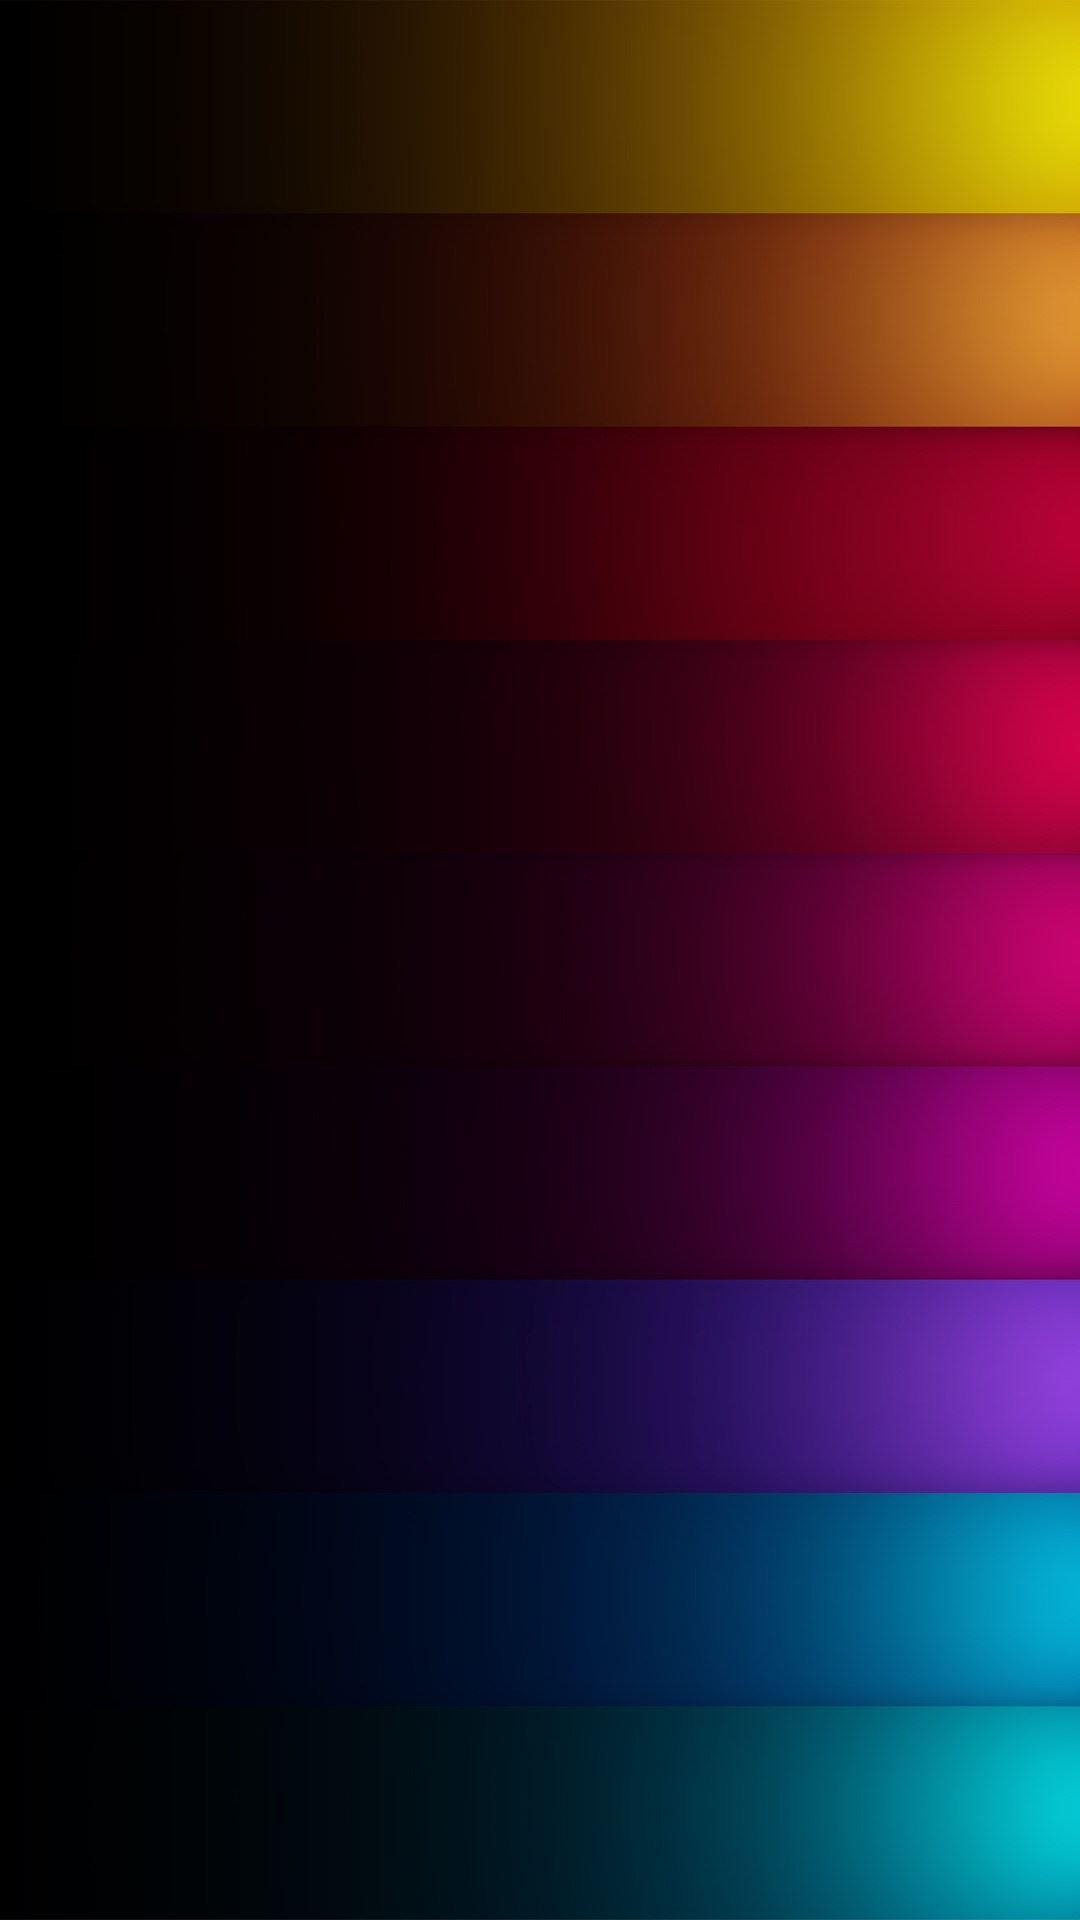 暗い影の色の虹の行iphone 7 8 Plus壁紙 Iphoneチーズ